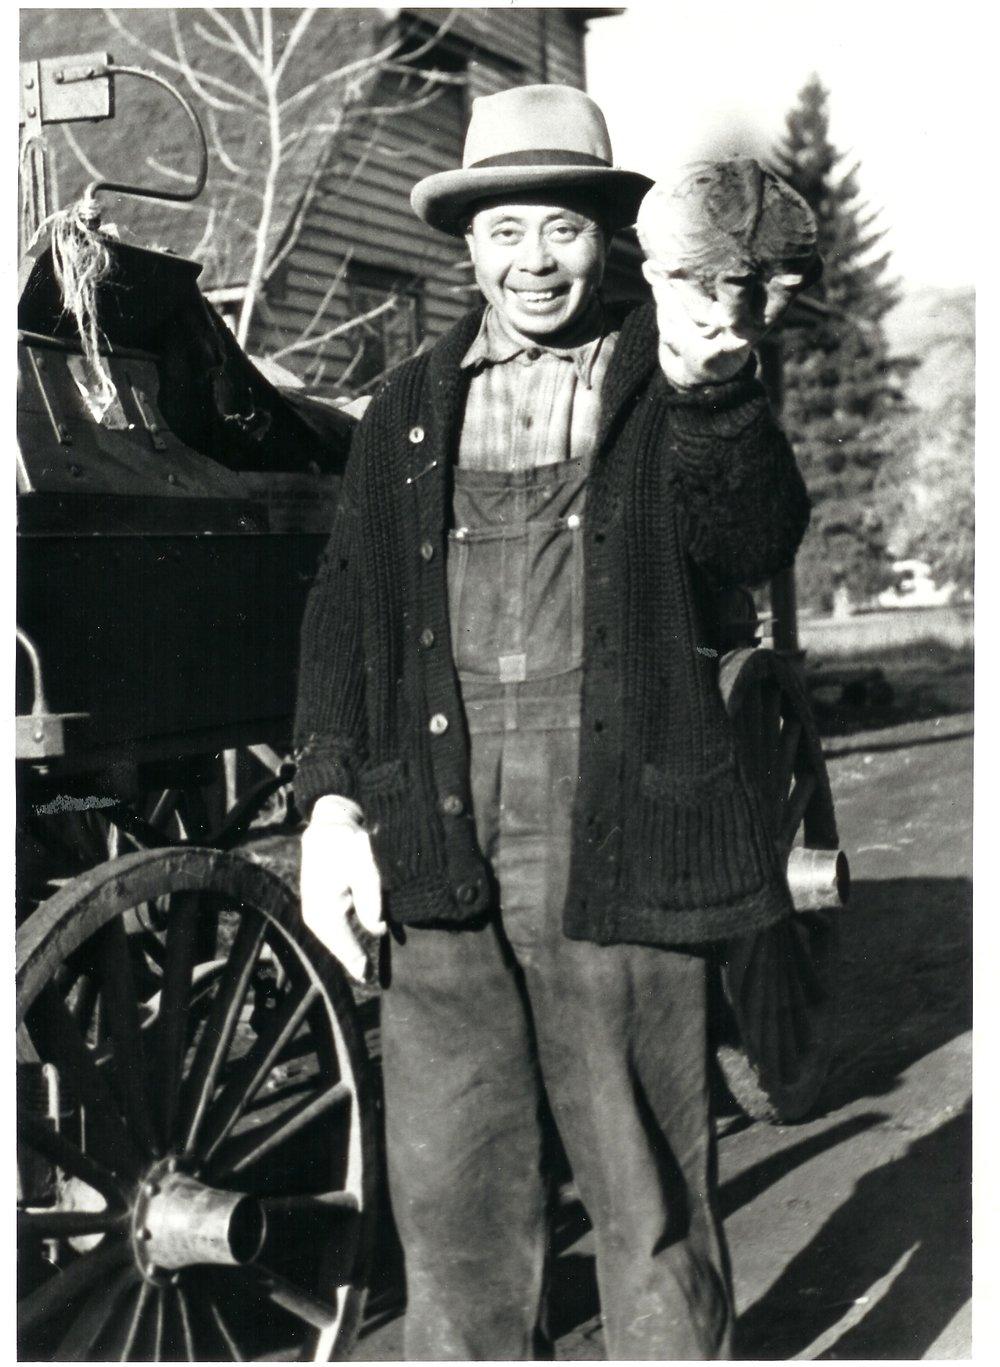 Charlie Sing, 1942.